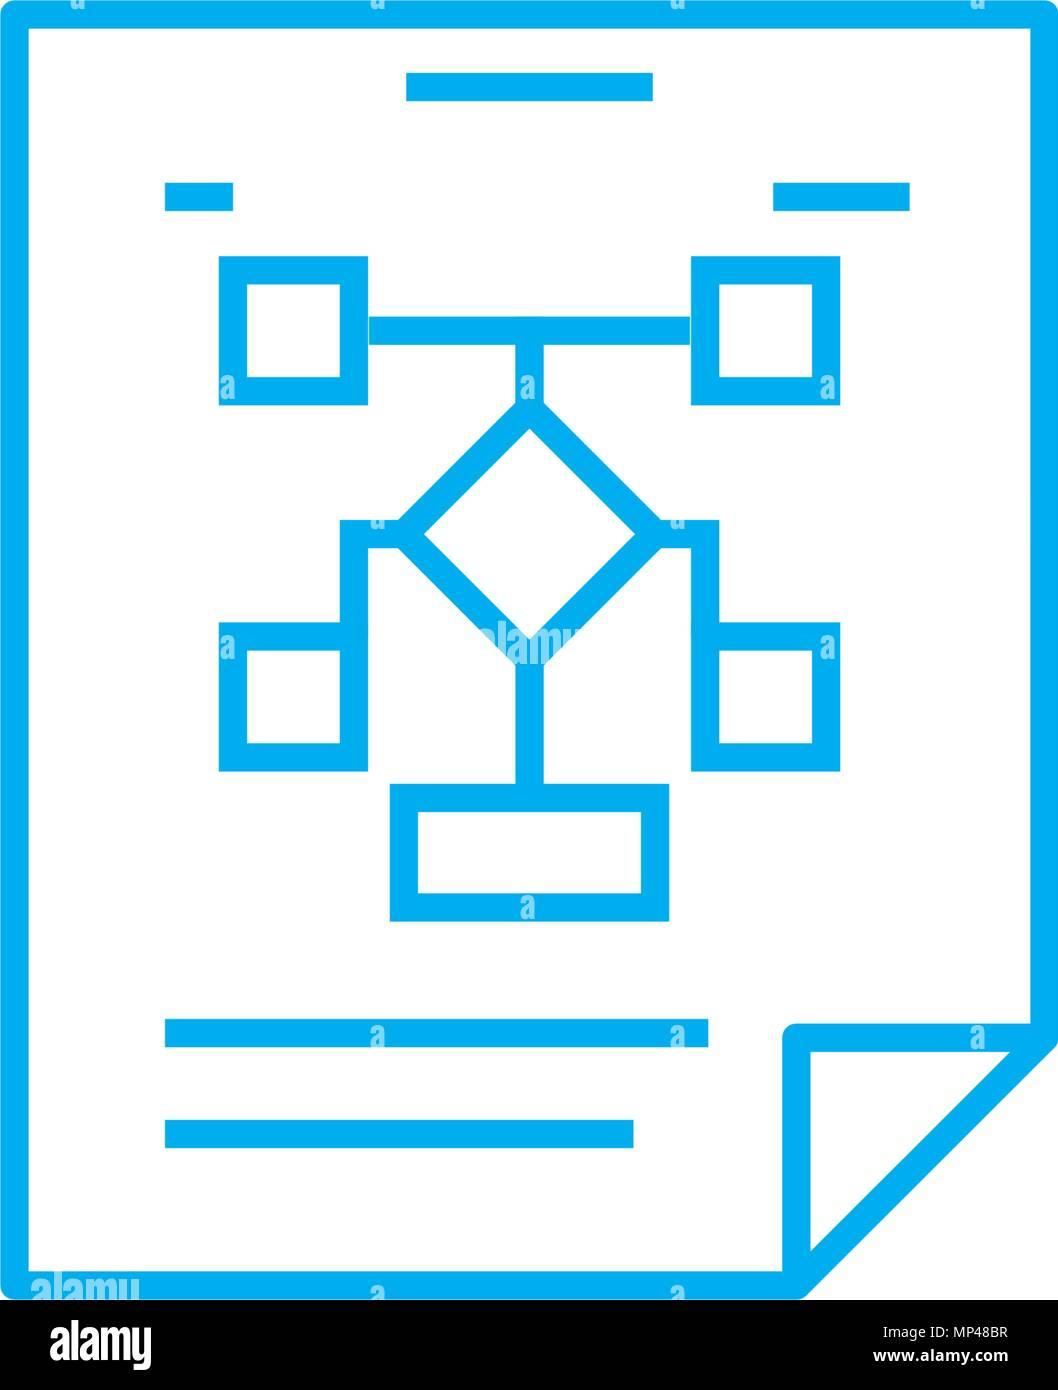 Estructura De La Organización Lineal Concepto De Icono